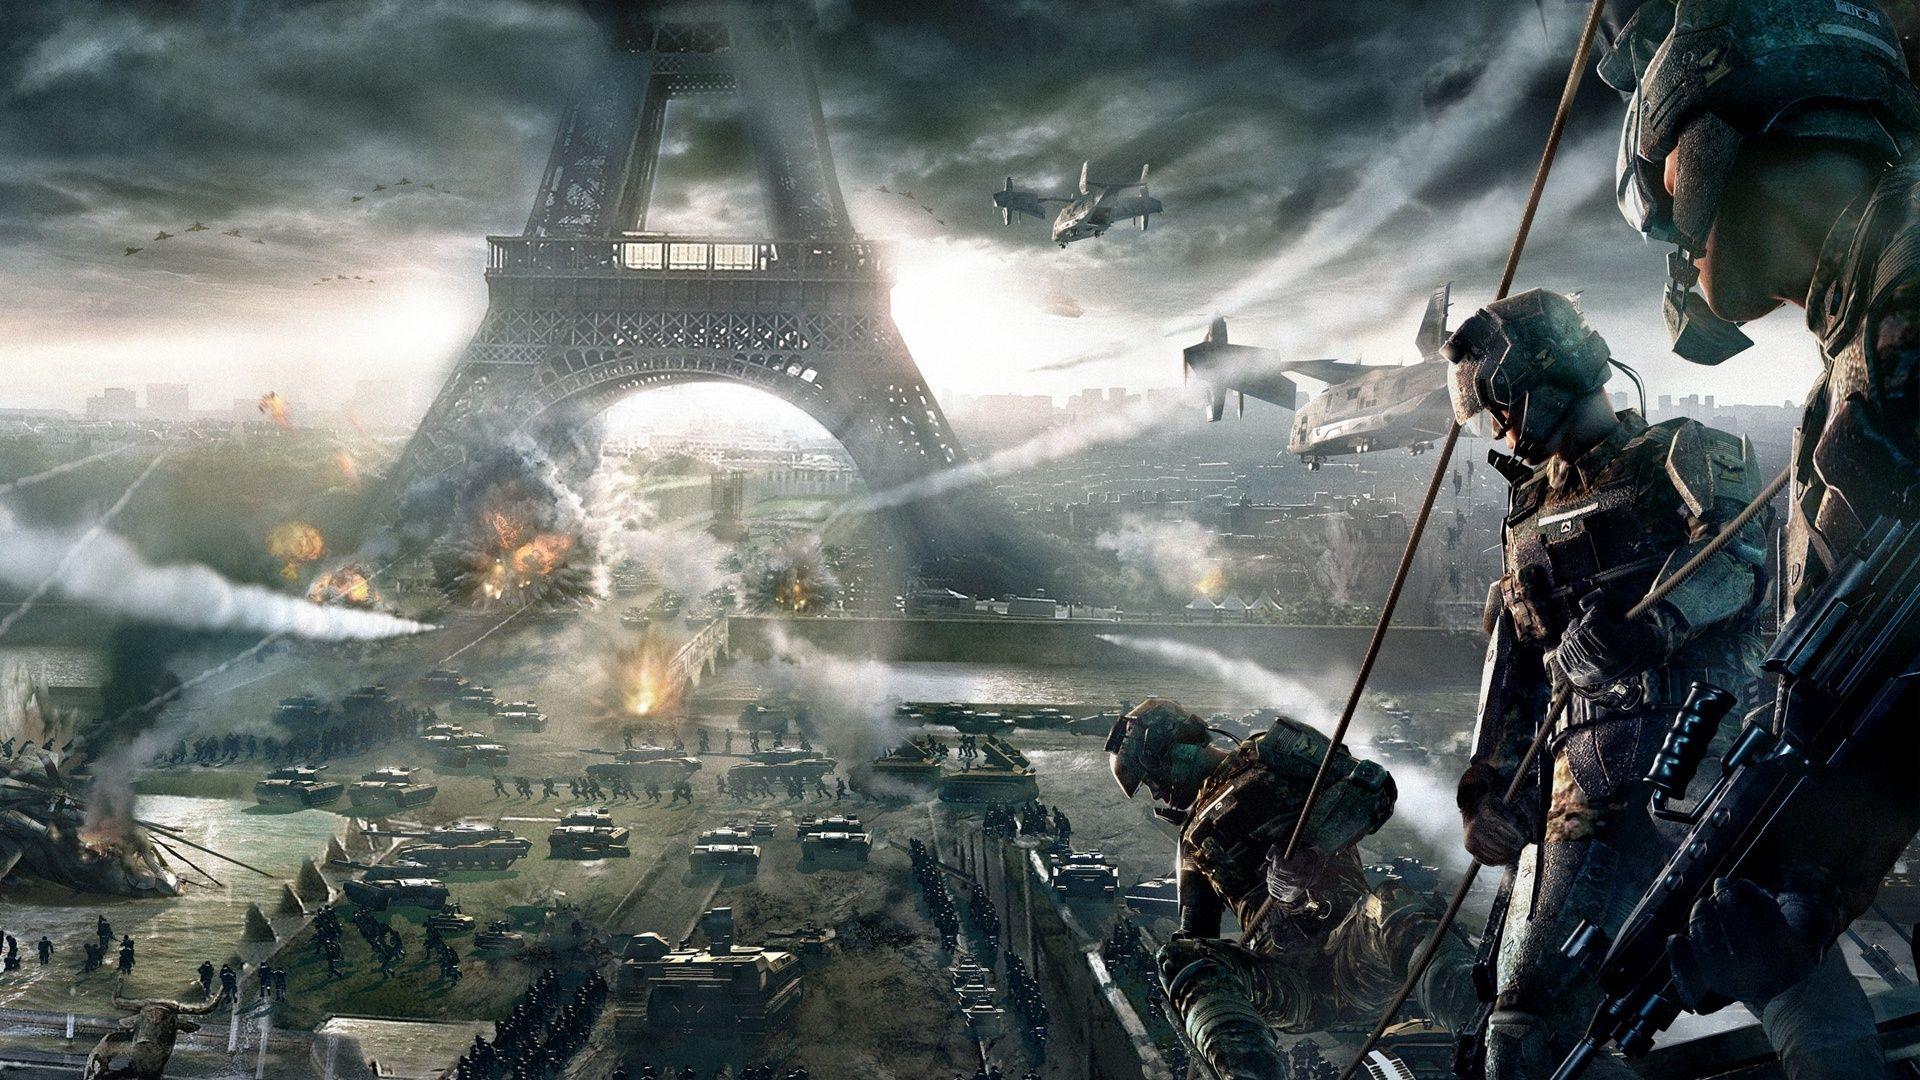 Call Of Duty Wallpaper Buscar Con Google Juegos Pinterest Tendencies Kaos Robot Rock Hitam Xl